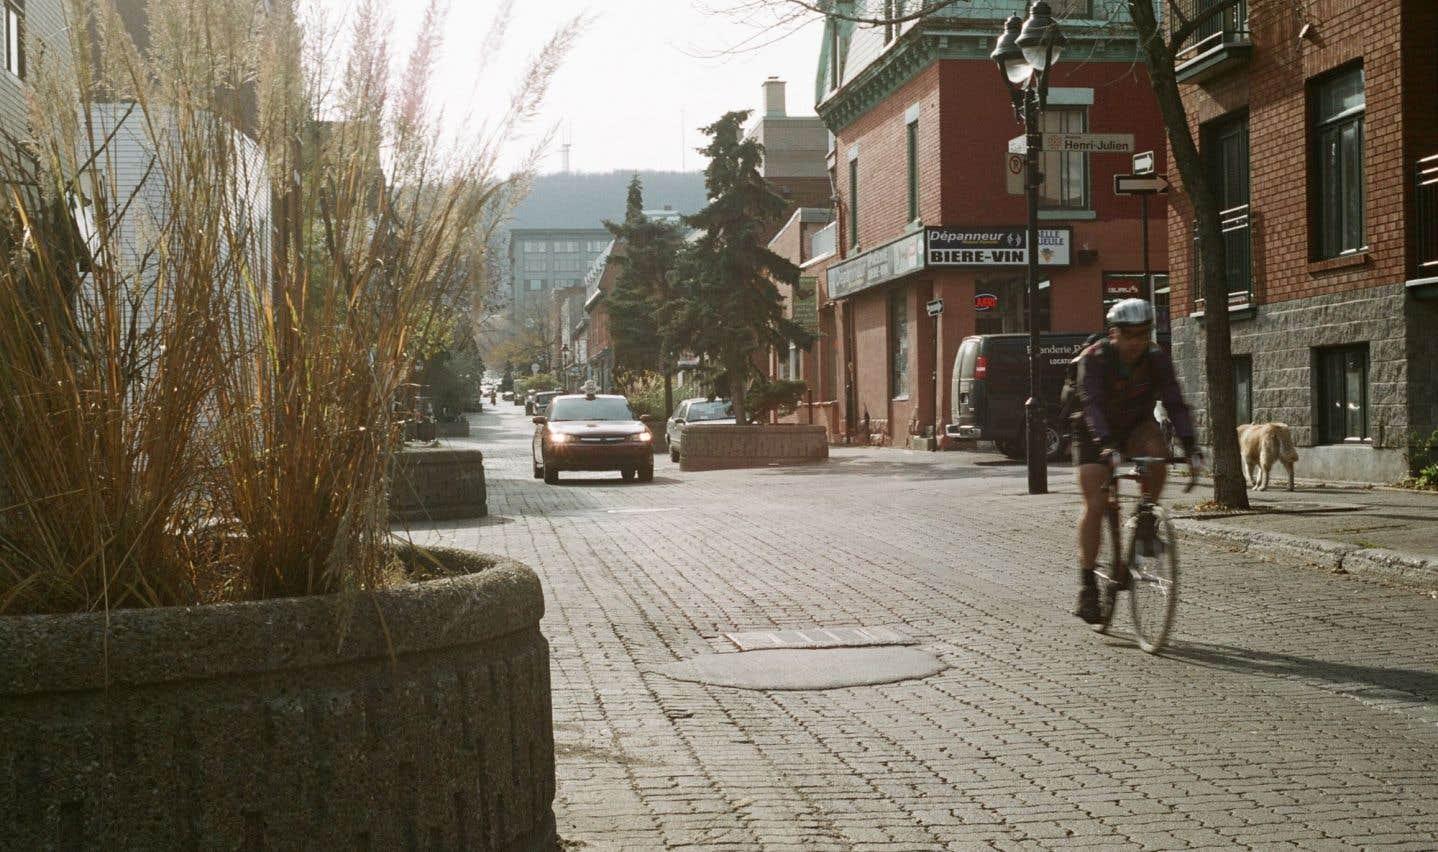 Quatre échelles doivent être prises en compte au moment d'imaginer un nouveau milieu: l'agglomération, le quartier, la rue et le bâtiment.